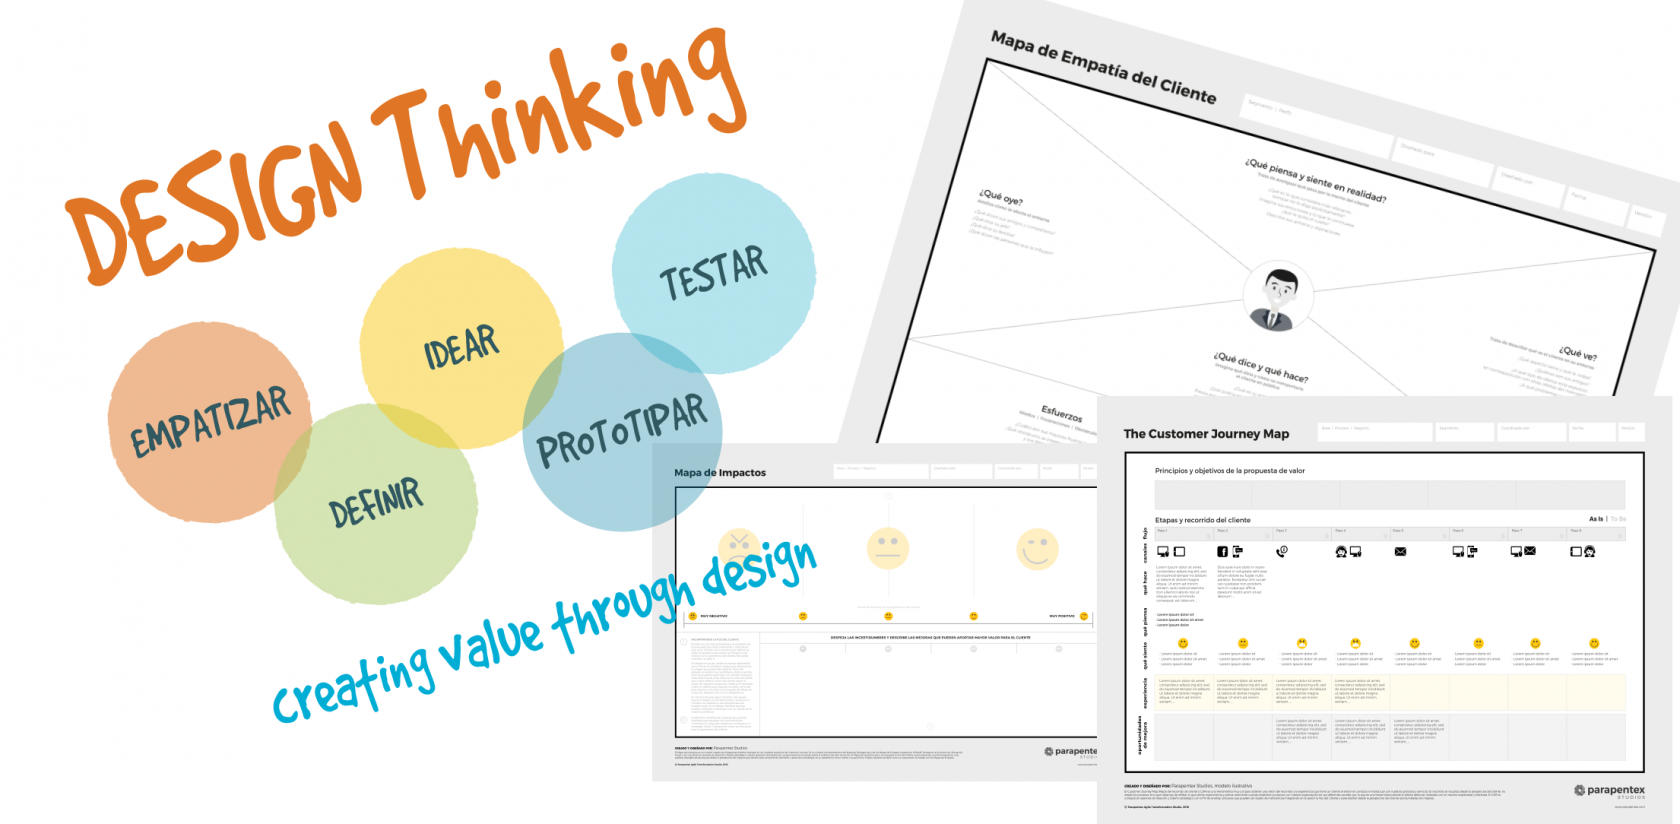 Taller de inmersión en Design thinking